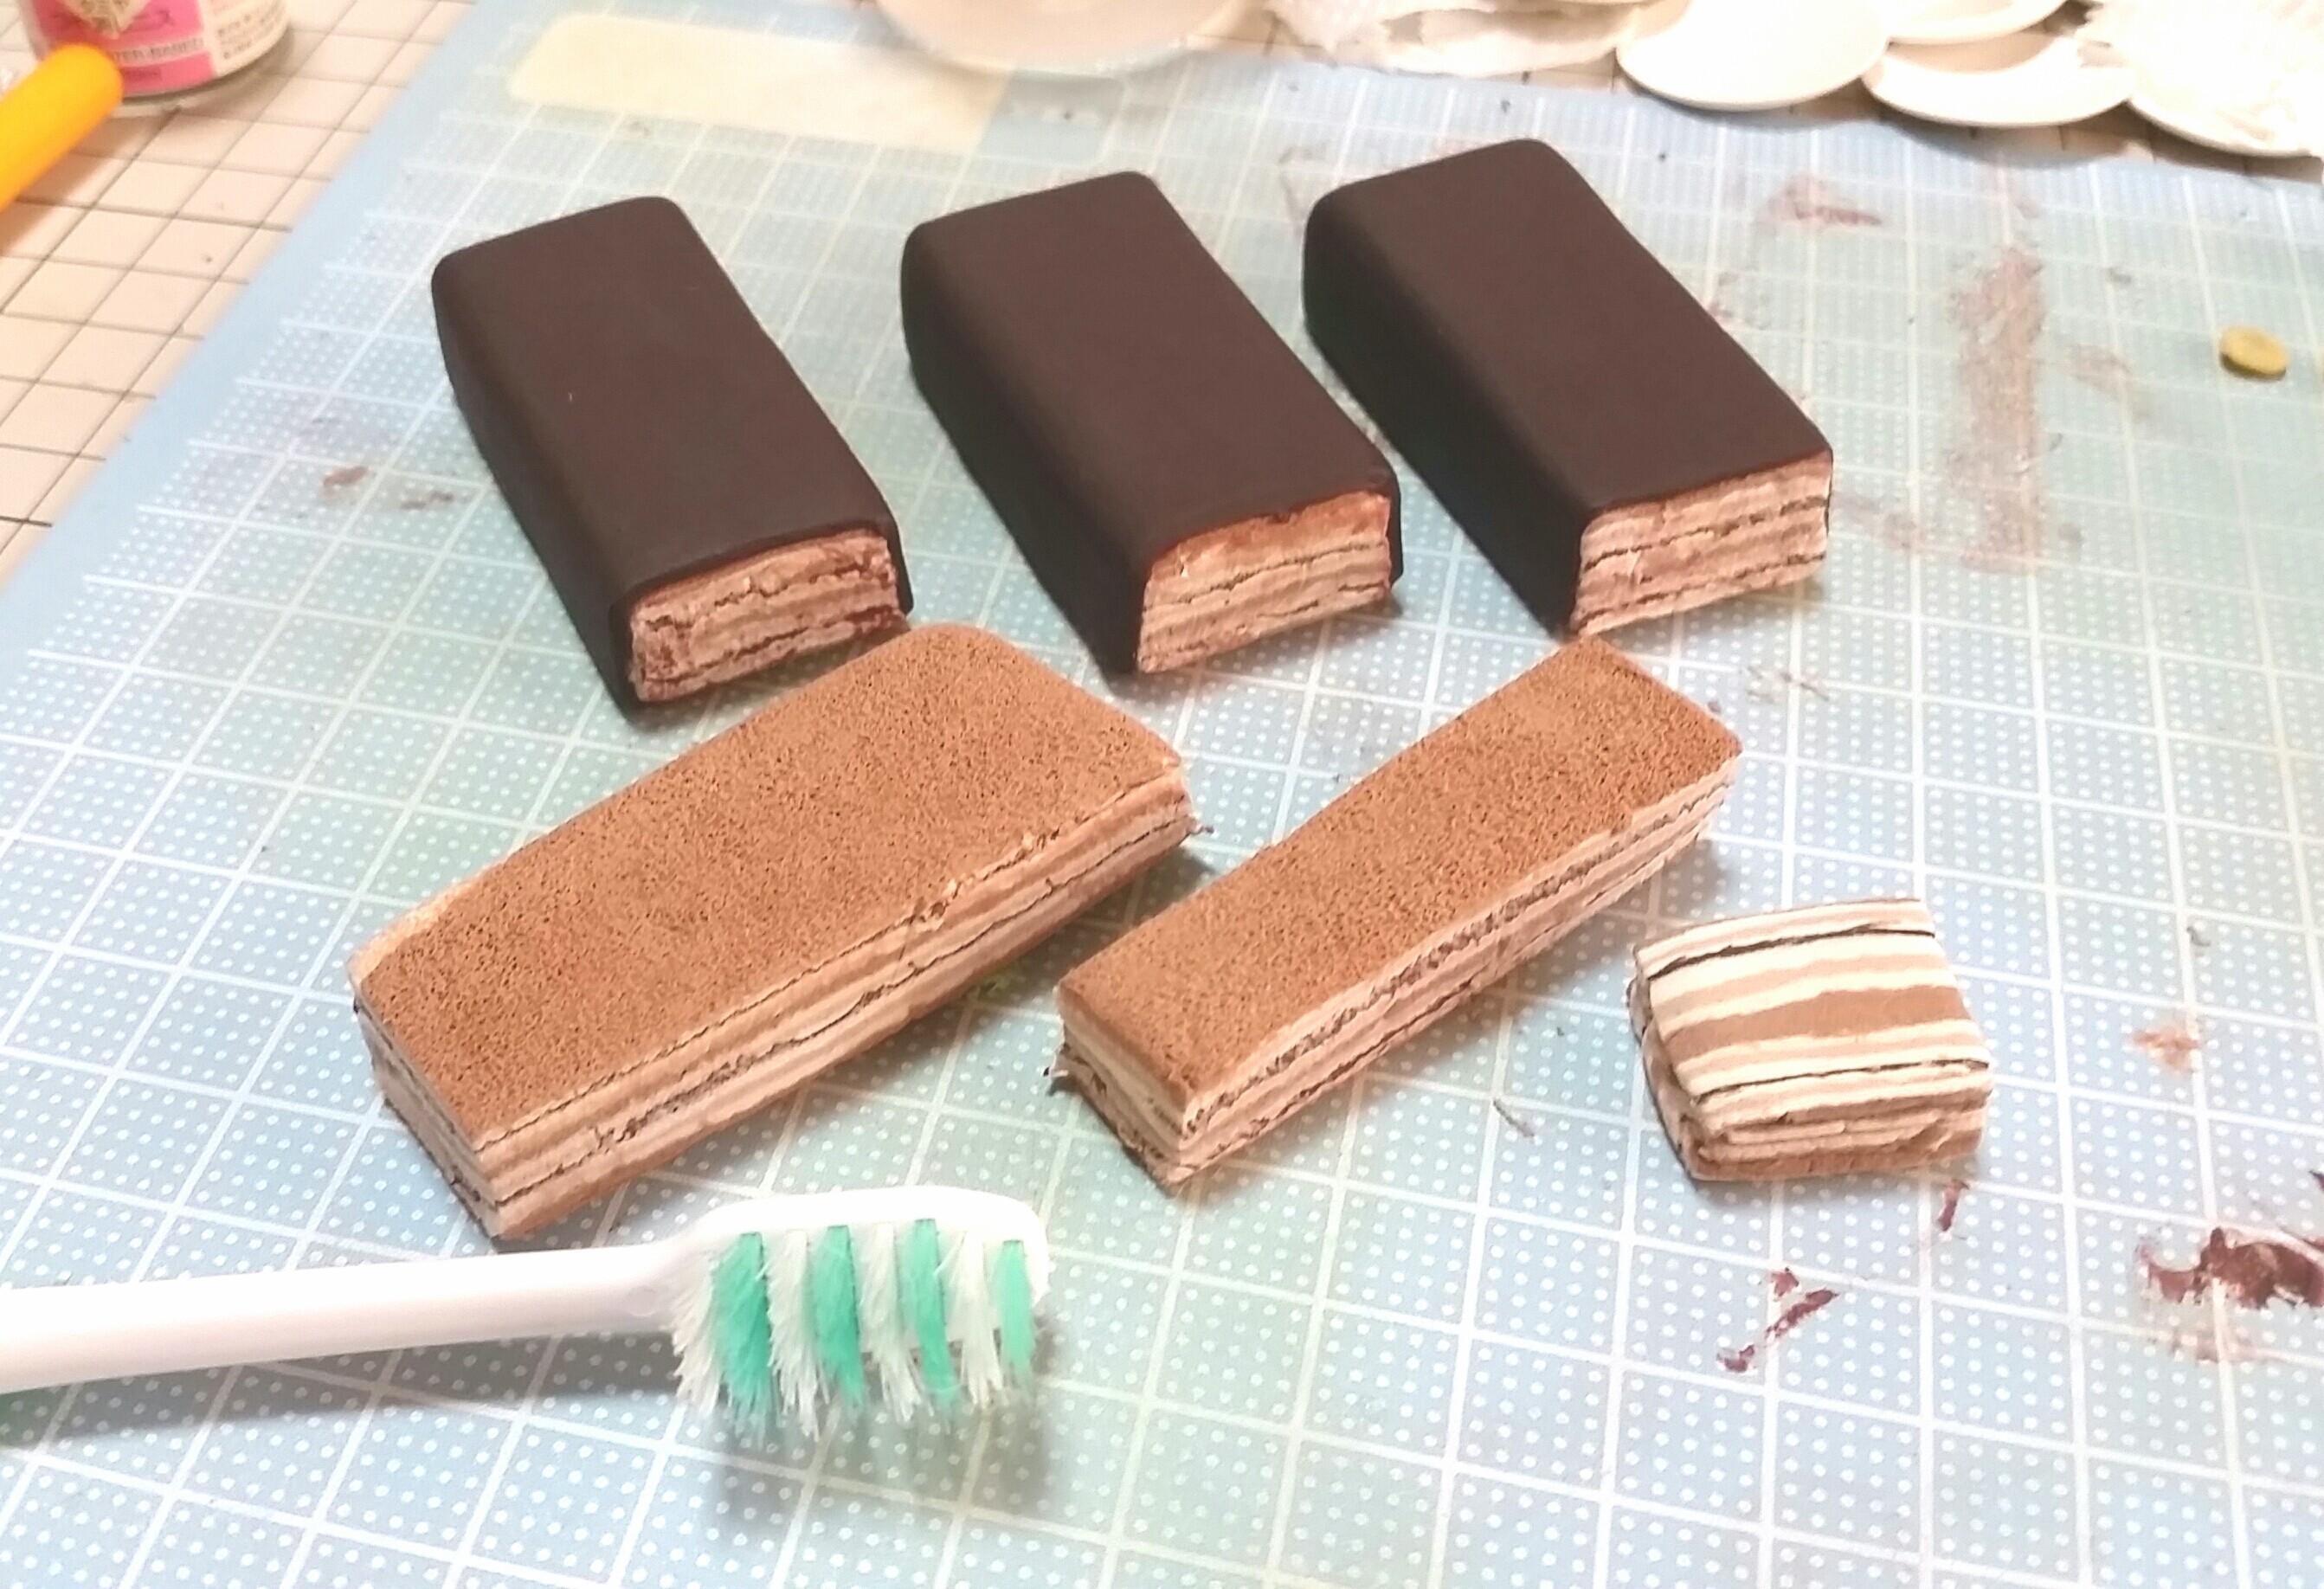 ハンドメイドミニチュア手作り,チョコレートケーキ,しっとりふわふわ